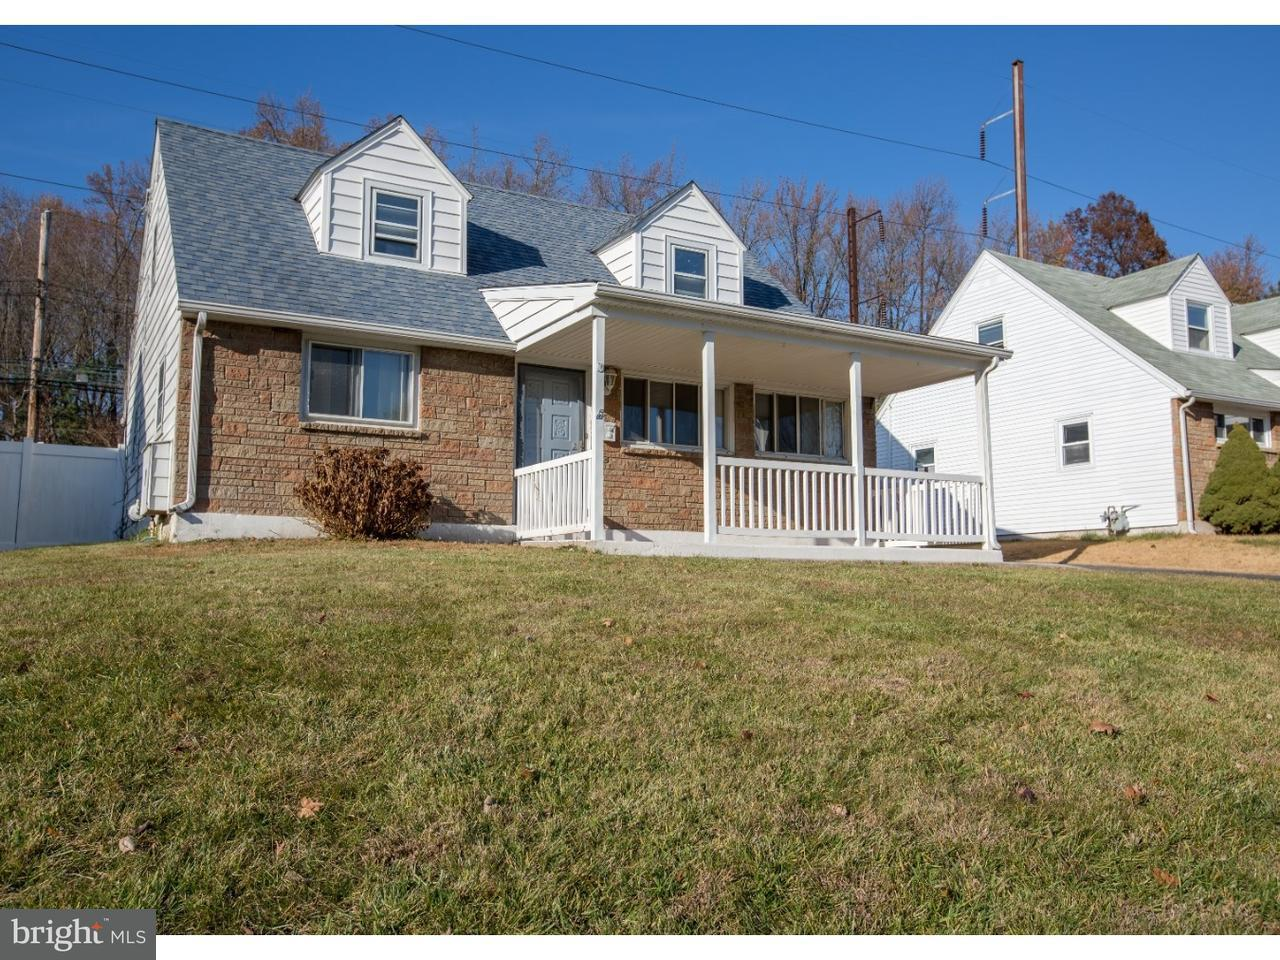 Maison unifamiliale pour l Vente à 2447 SECANE Road Secane, Pennsylvanie 19018 États-Unis